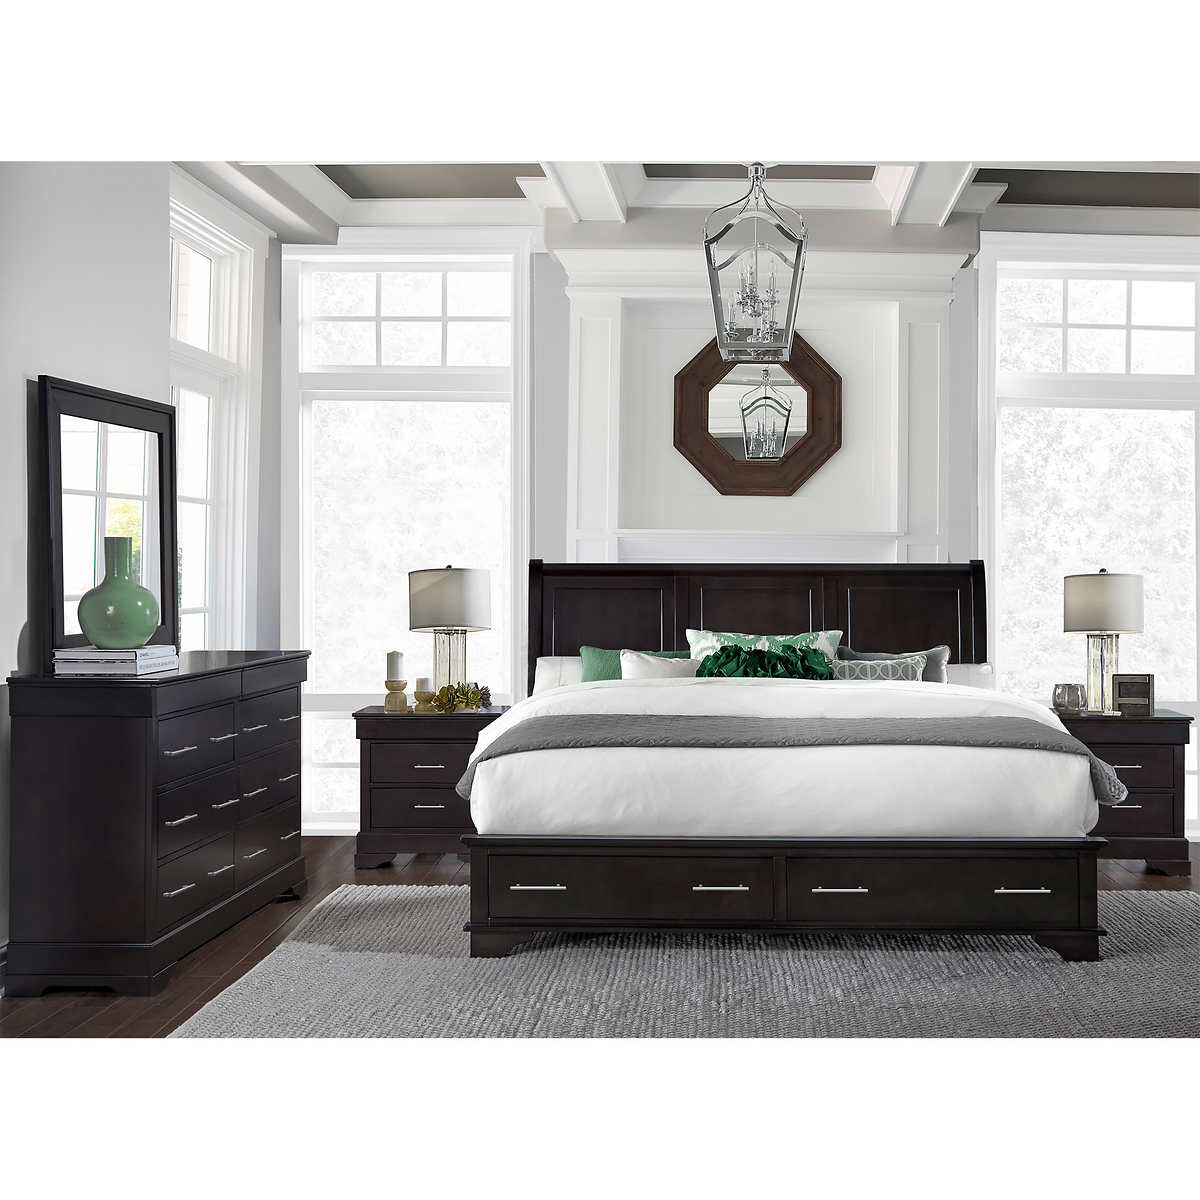 King Bedroom Suite For Cal King Bedroom Sets